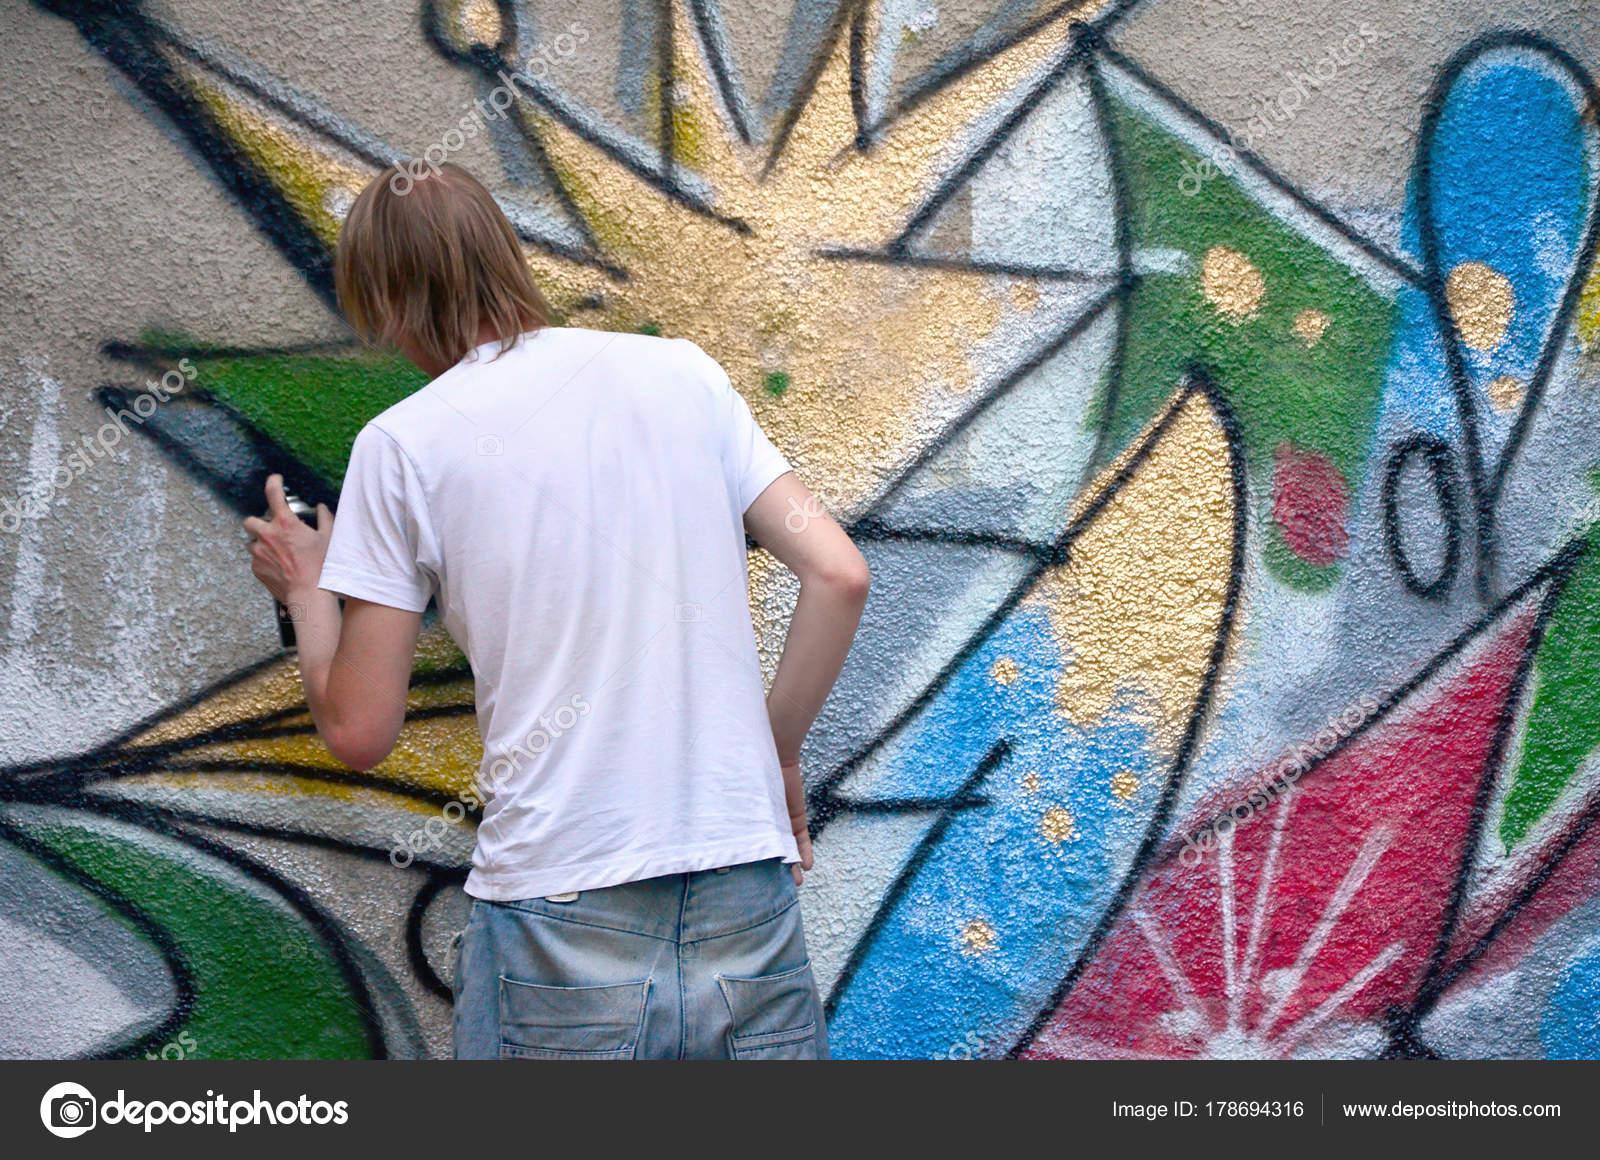 Foto Processo Desenho Padrão Grafite Velho Muro Concreto